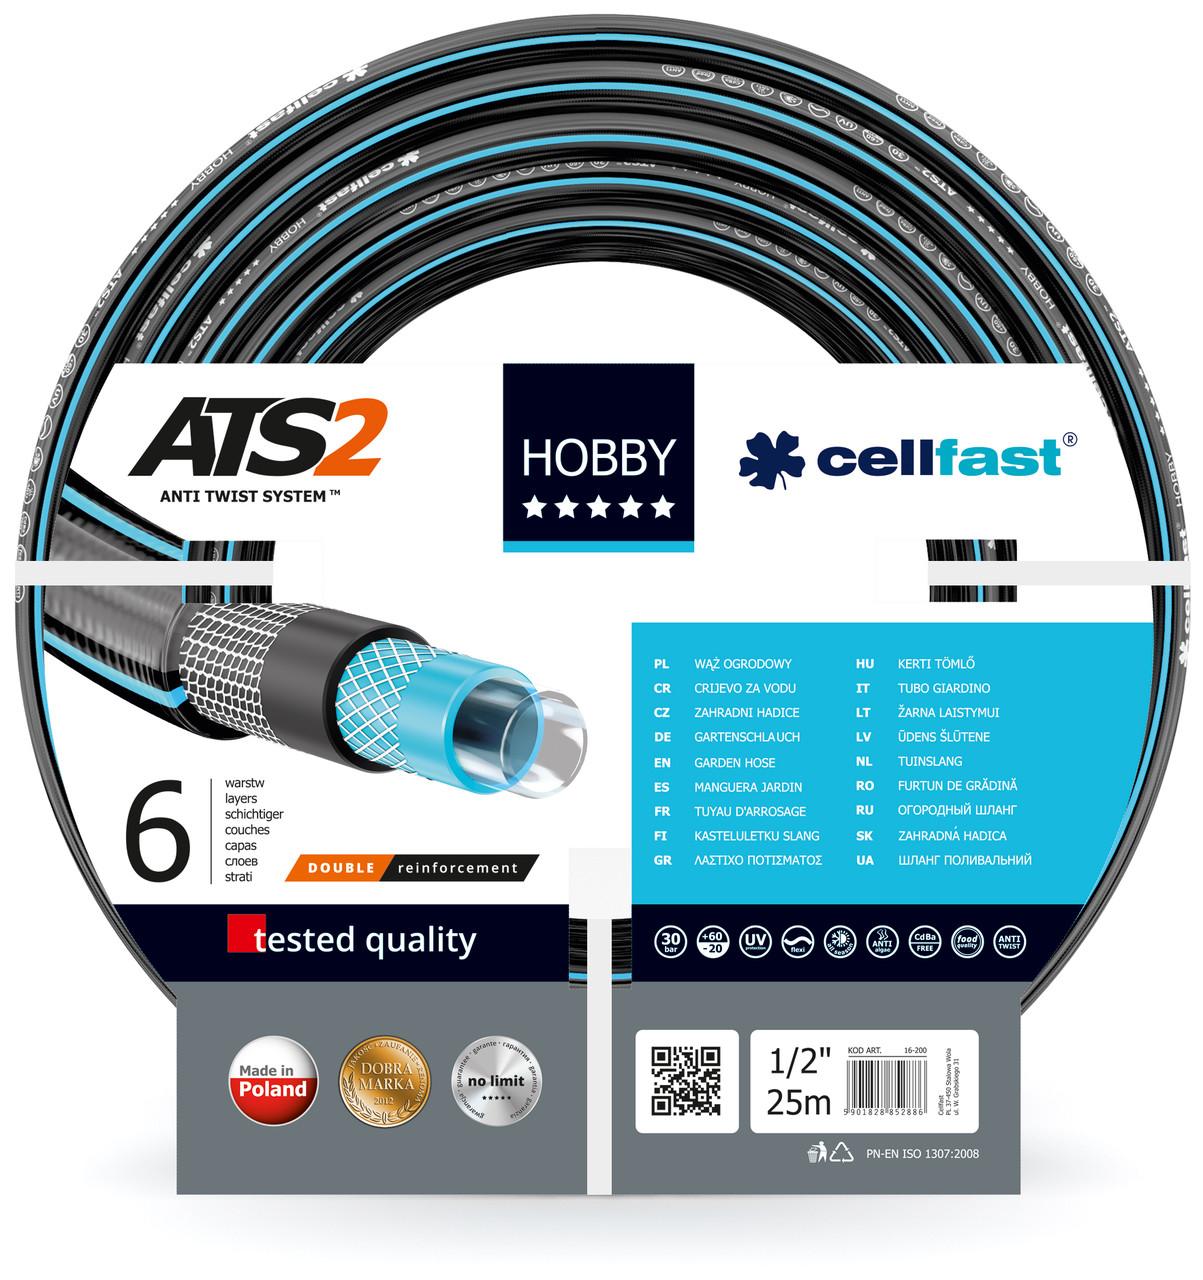 Шланг для полива Cellfast Hobby садовый диаметр 1/2 дюйма, длина 25 м (HB 1/2 25)